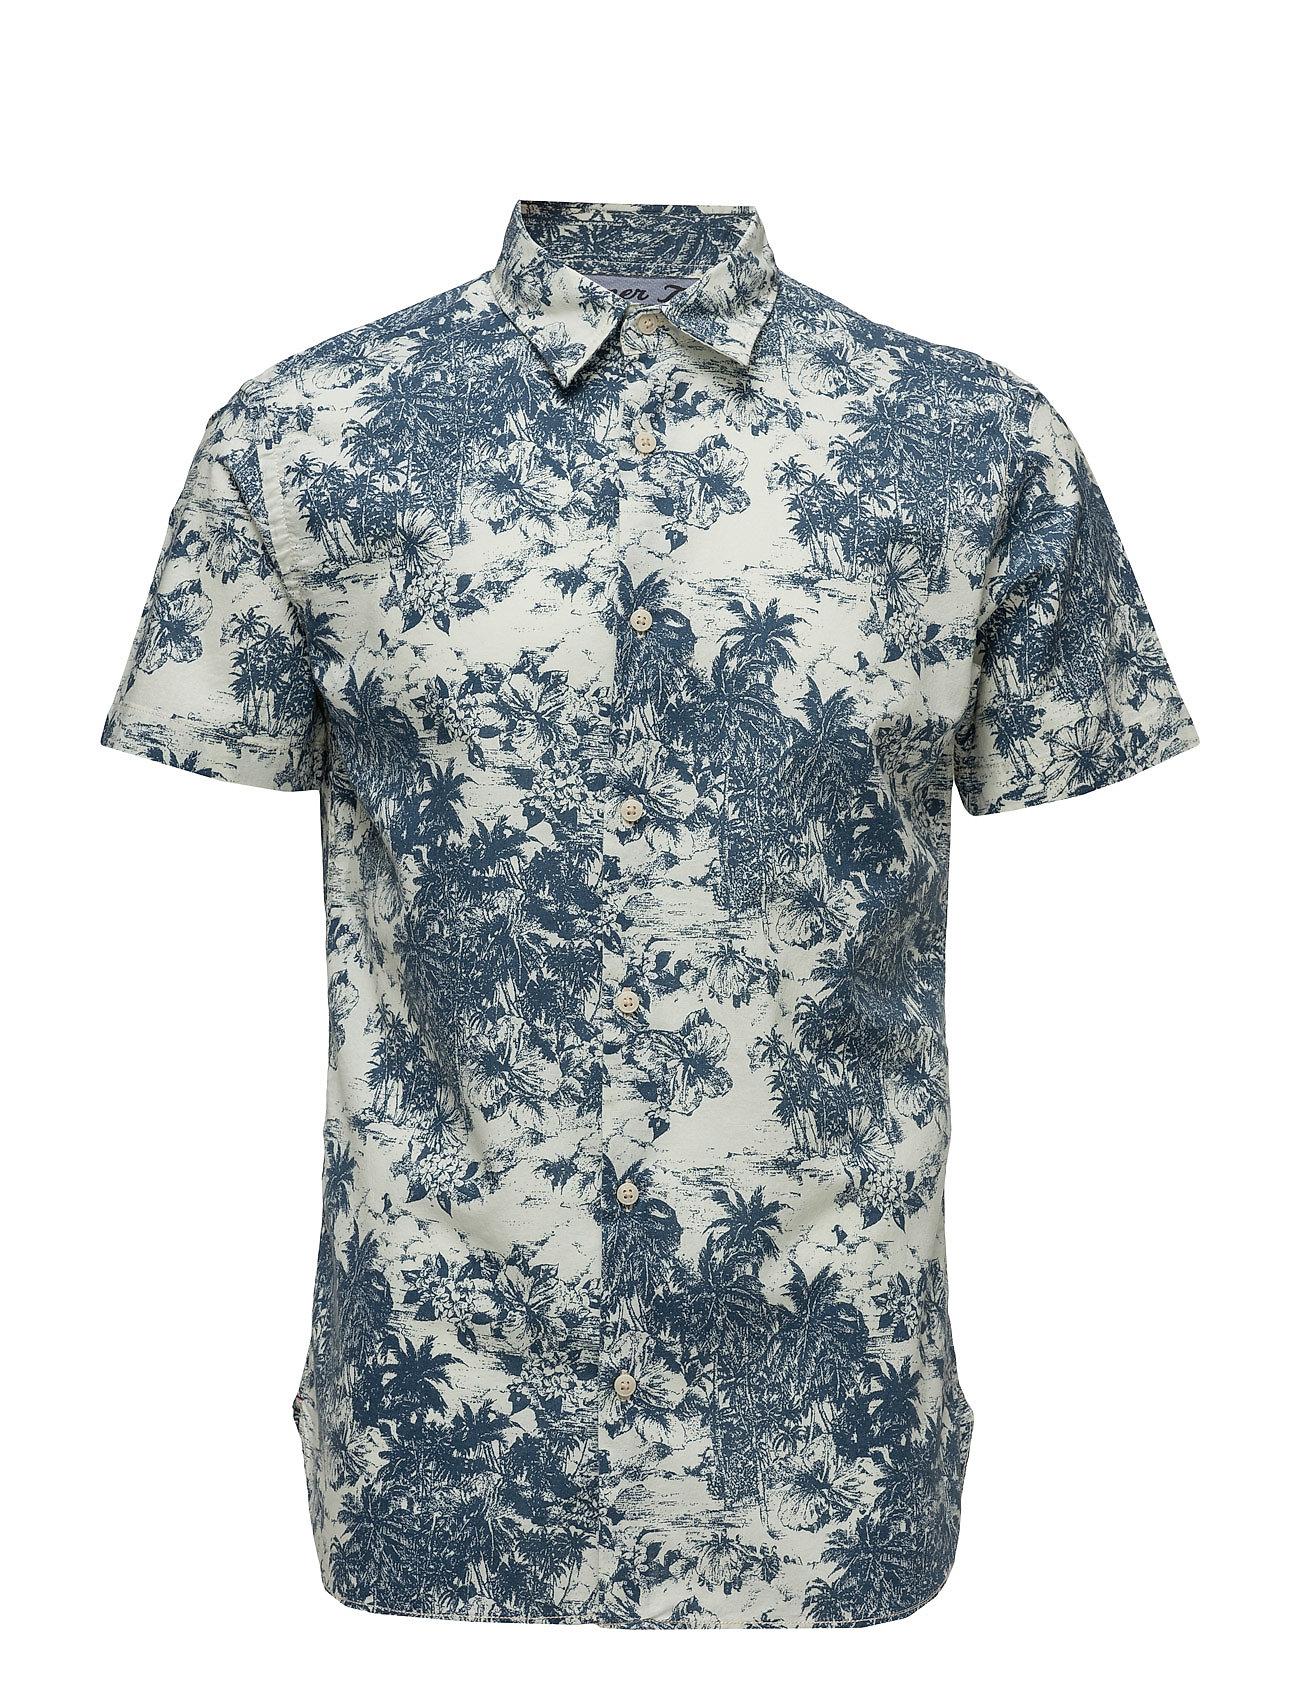 Jjvkauwela Shirt S/S Jack & Jones Vintage Kortærmede til Herrer i Cloud Dancer